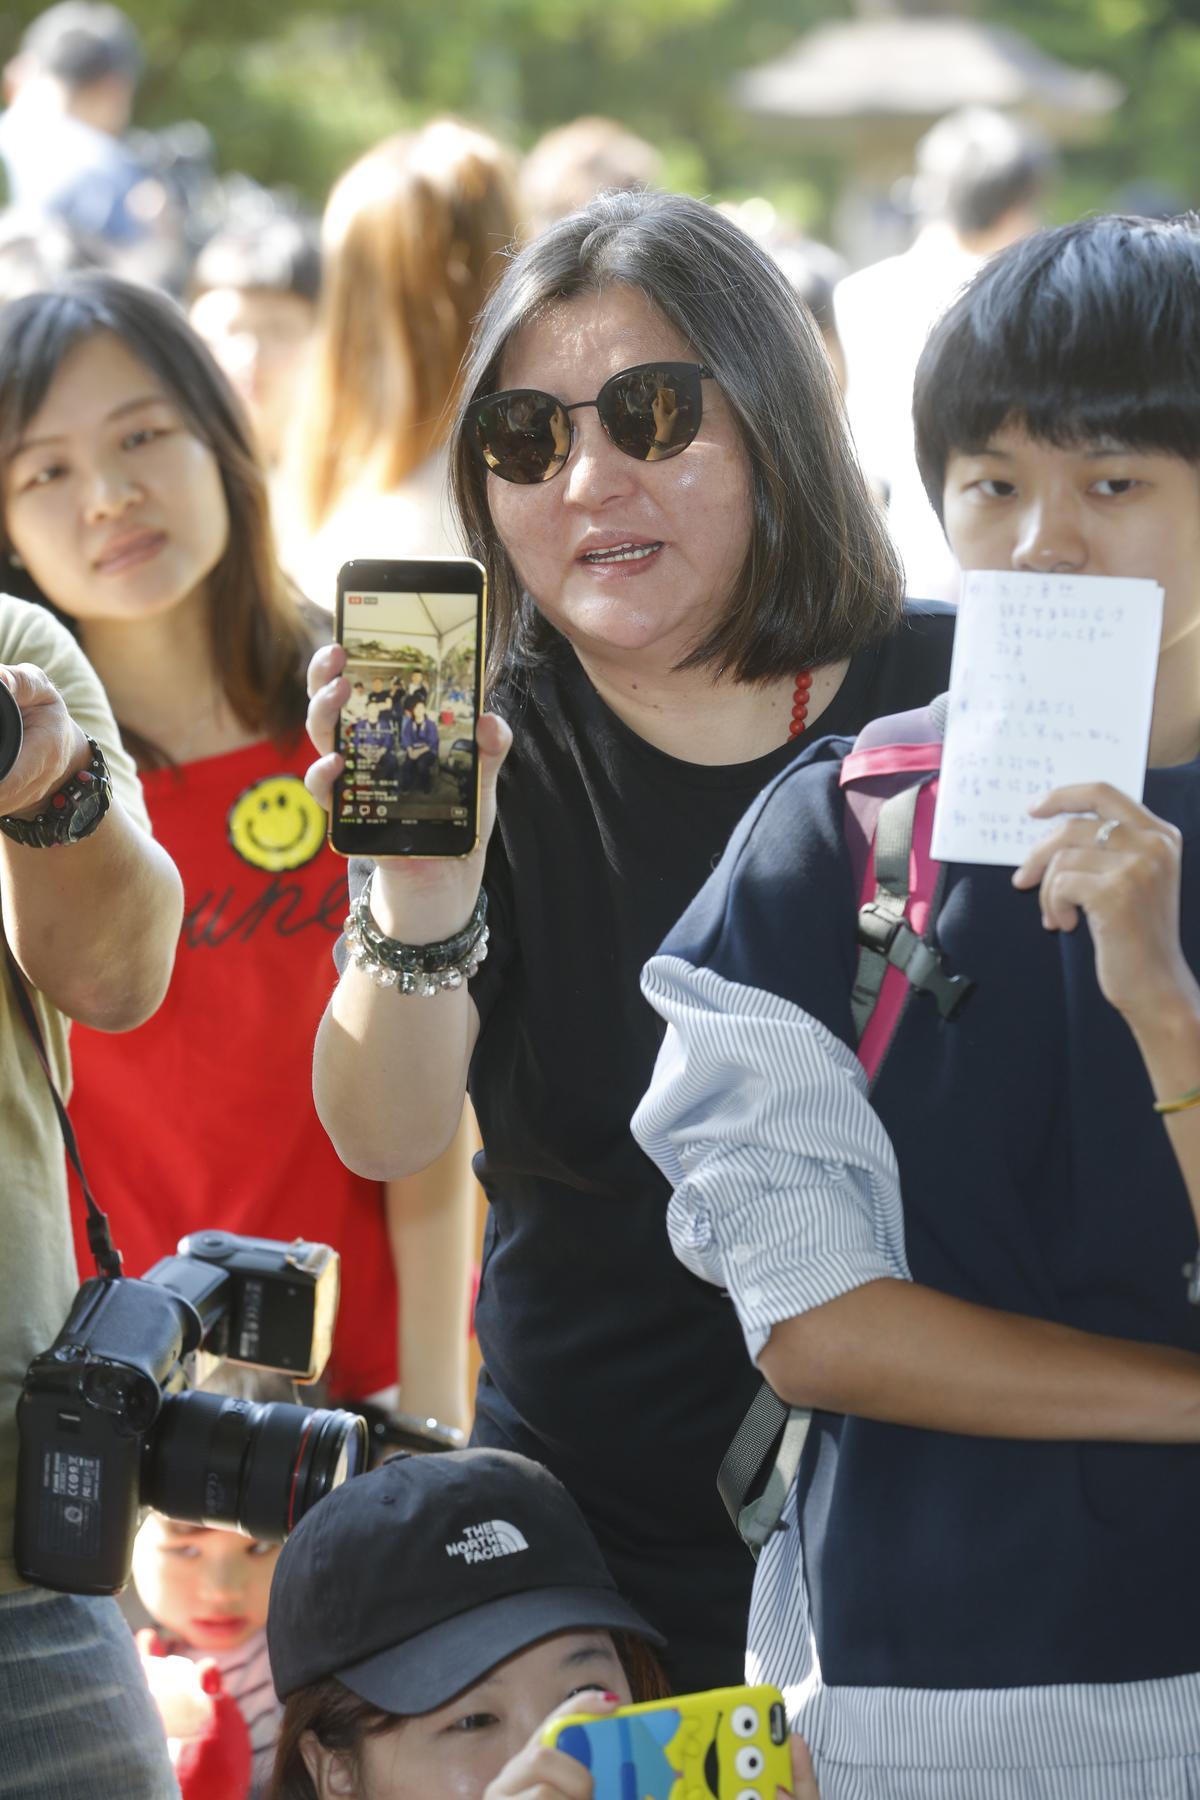 娛樂圈大姐大邱瓈寬也以投資者的身分在現場坐鎮。